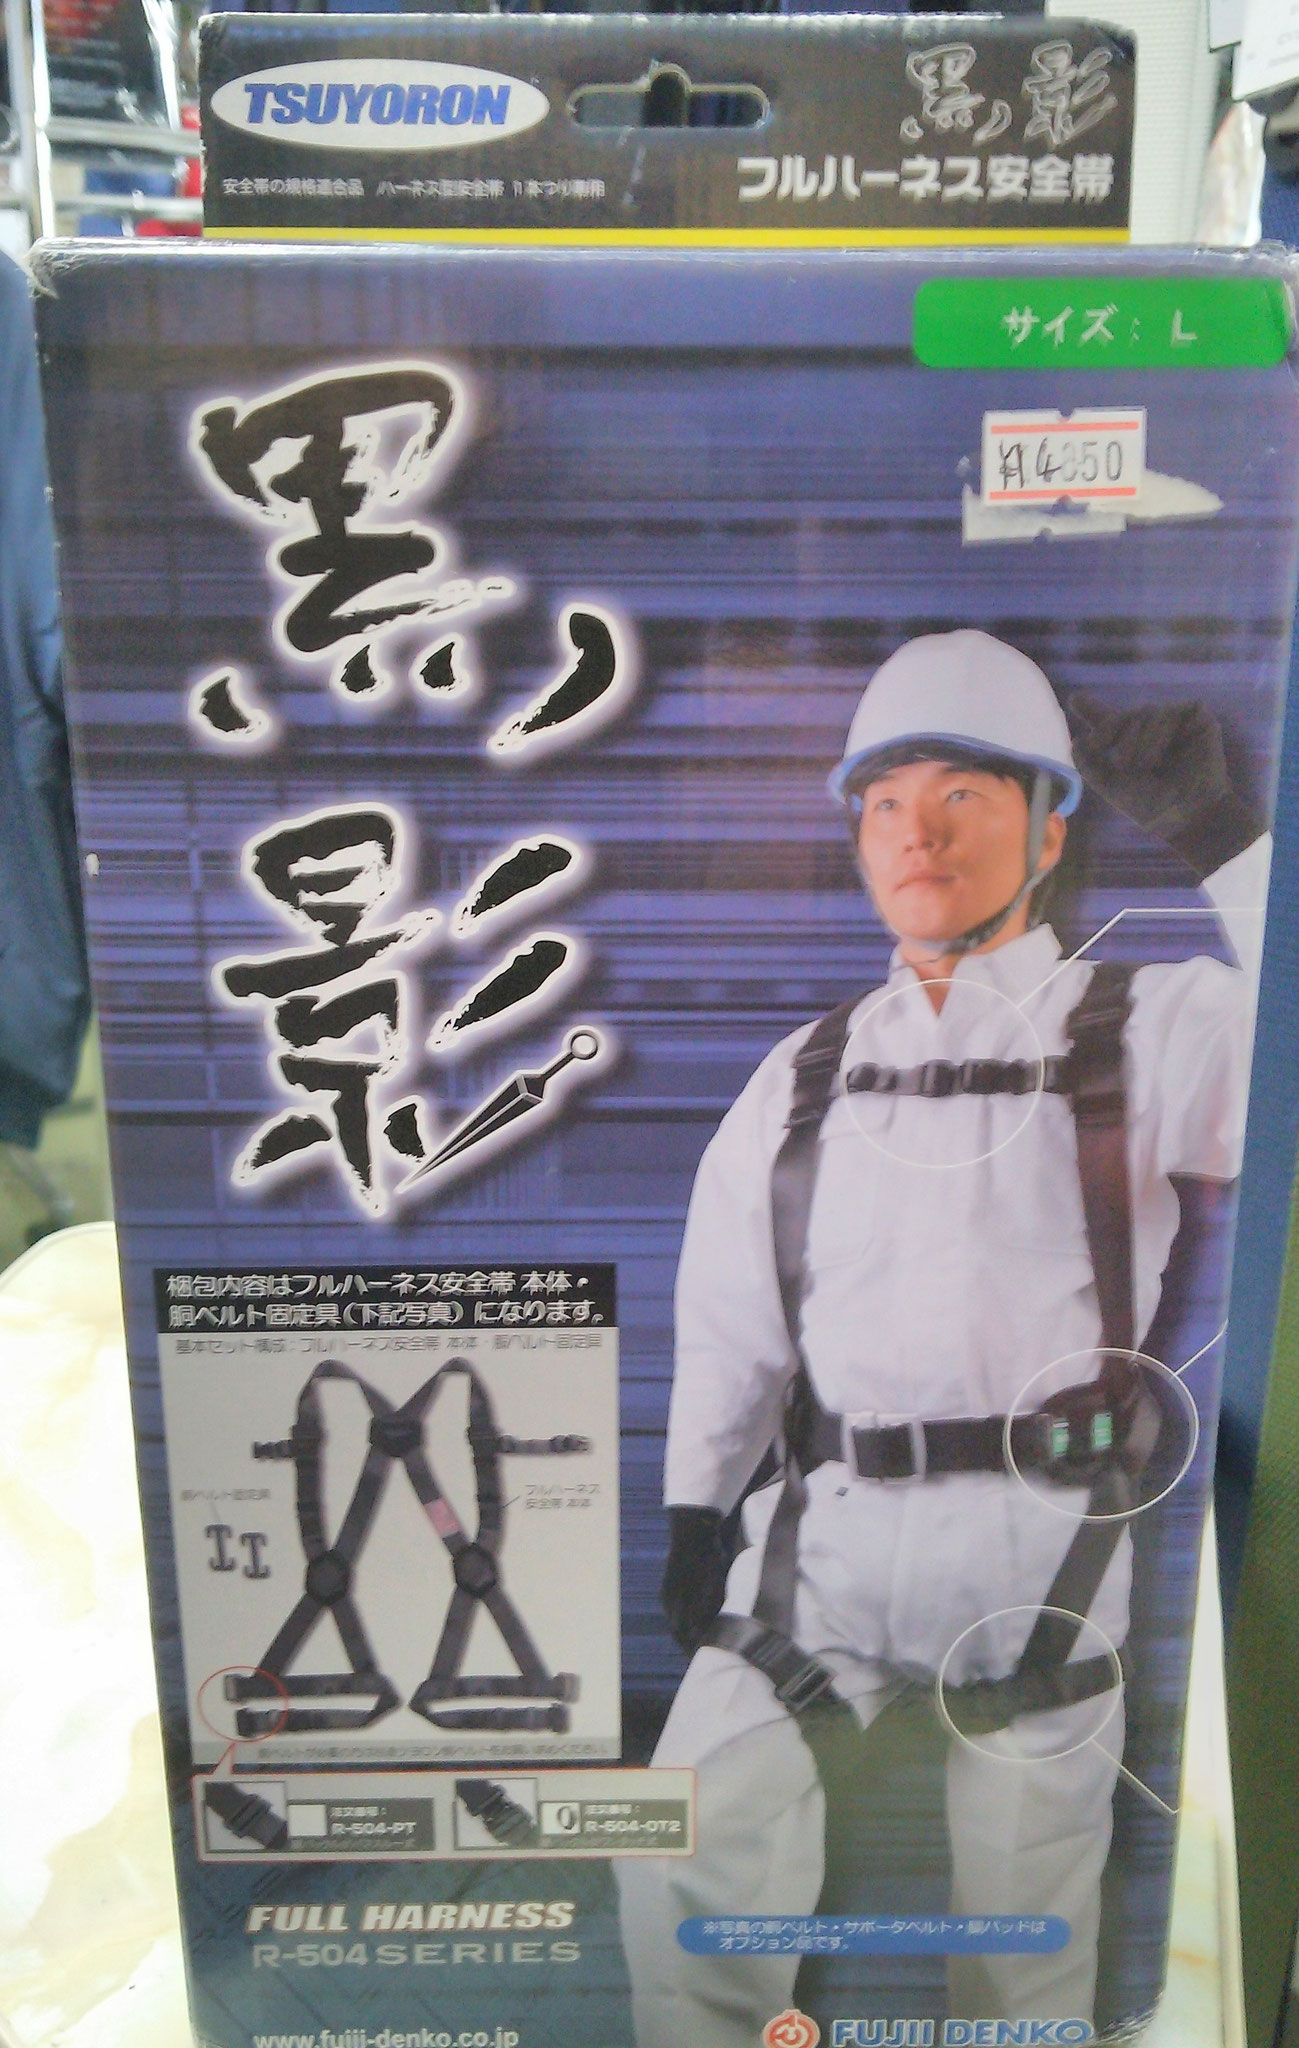 ハーネス型安全帯 R-504-D-OT2-L 藤井電工の黒影 箱はこんな感じ ¥9,900(税込)